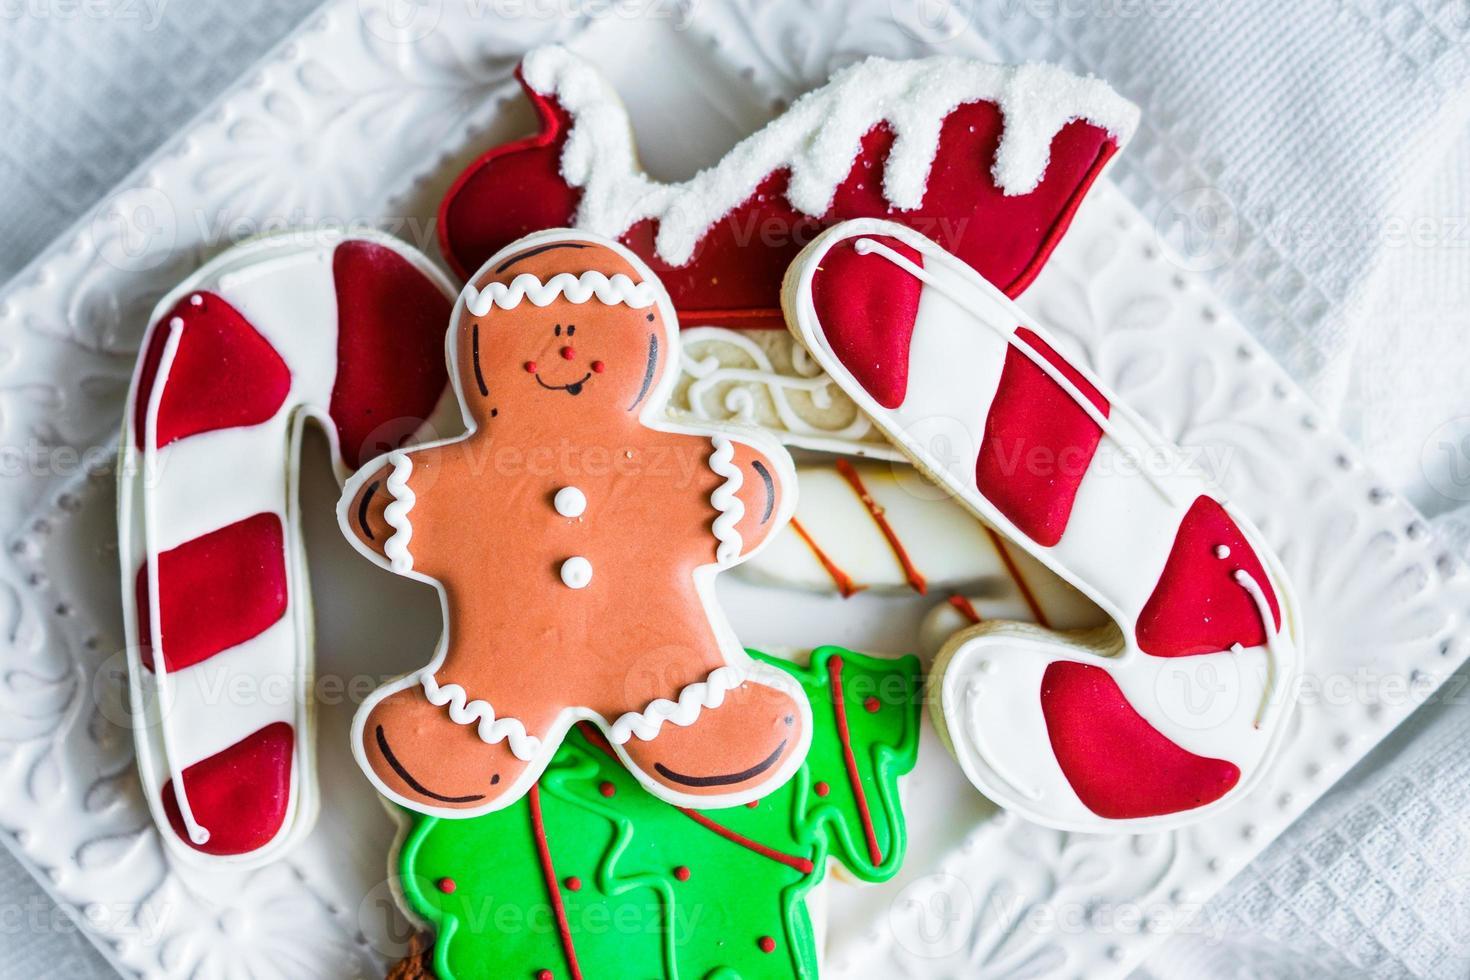 biscoitos de natal em fundo rústico de madeira foto